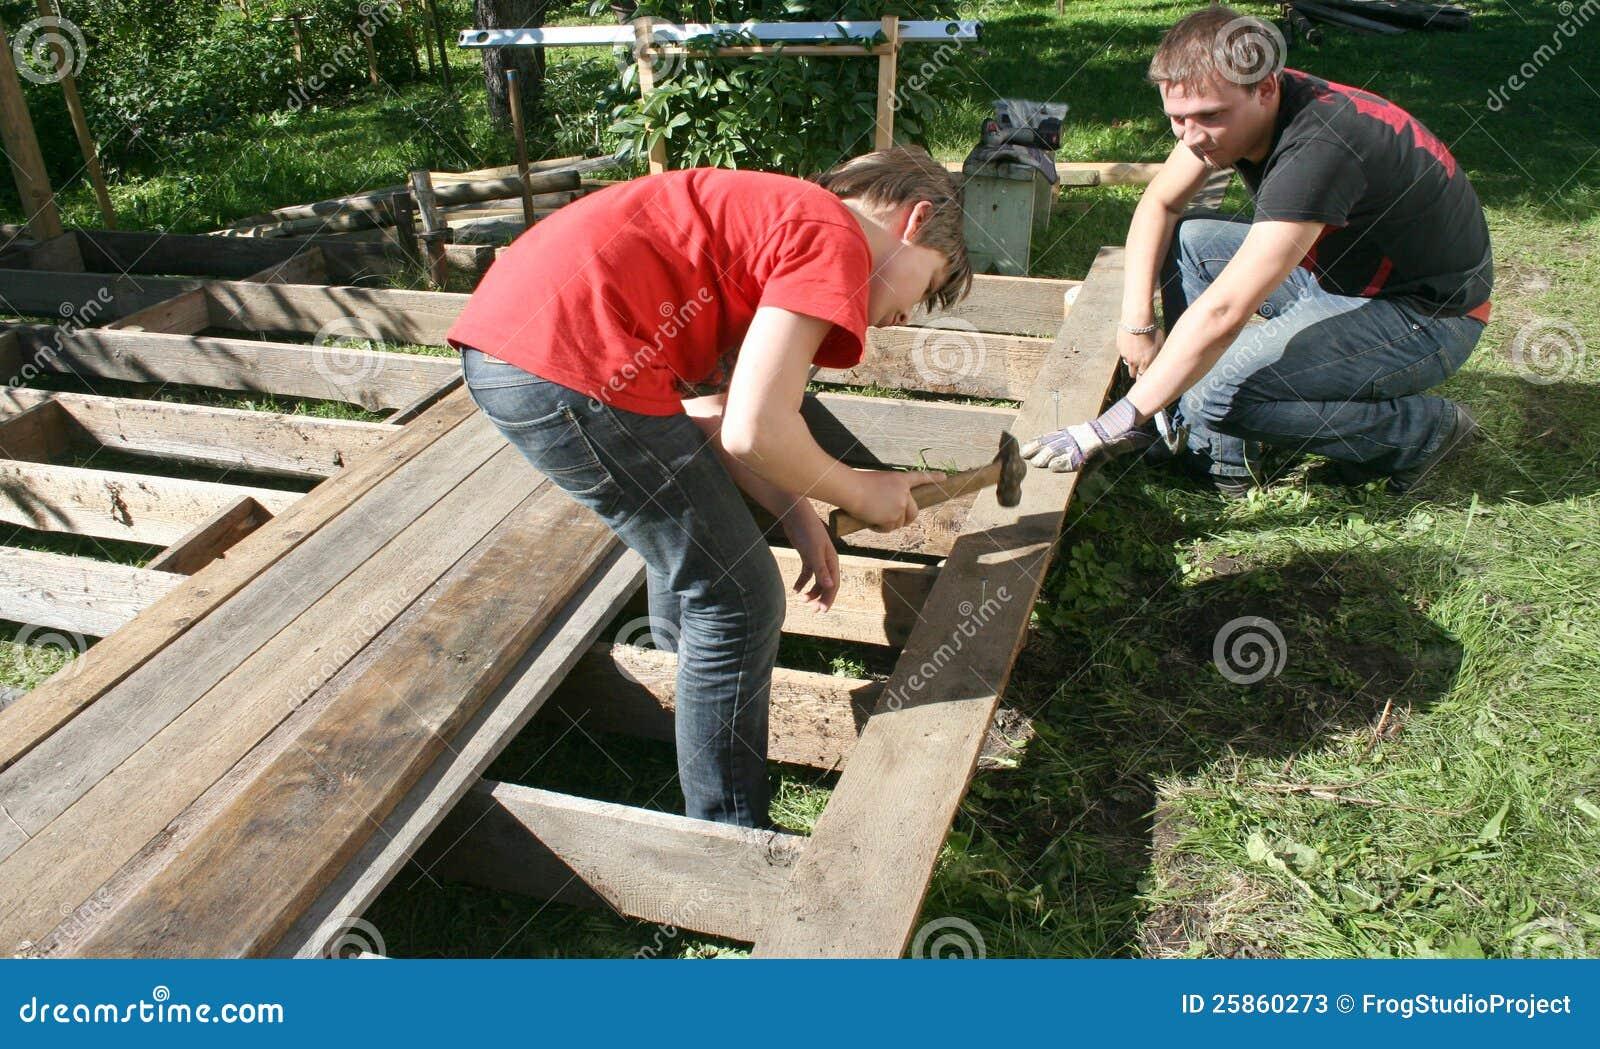 Construindo Um Terraço De Madeira Fotos de Stock Imagem: 25860273 #A62725 1300x869